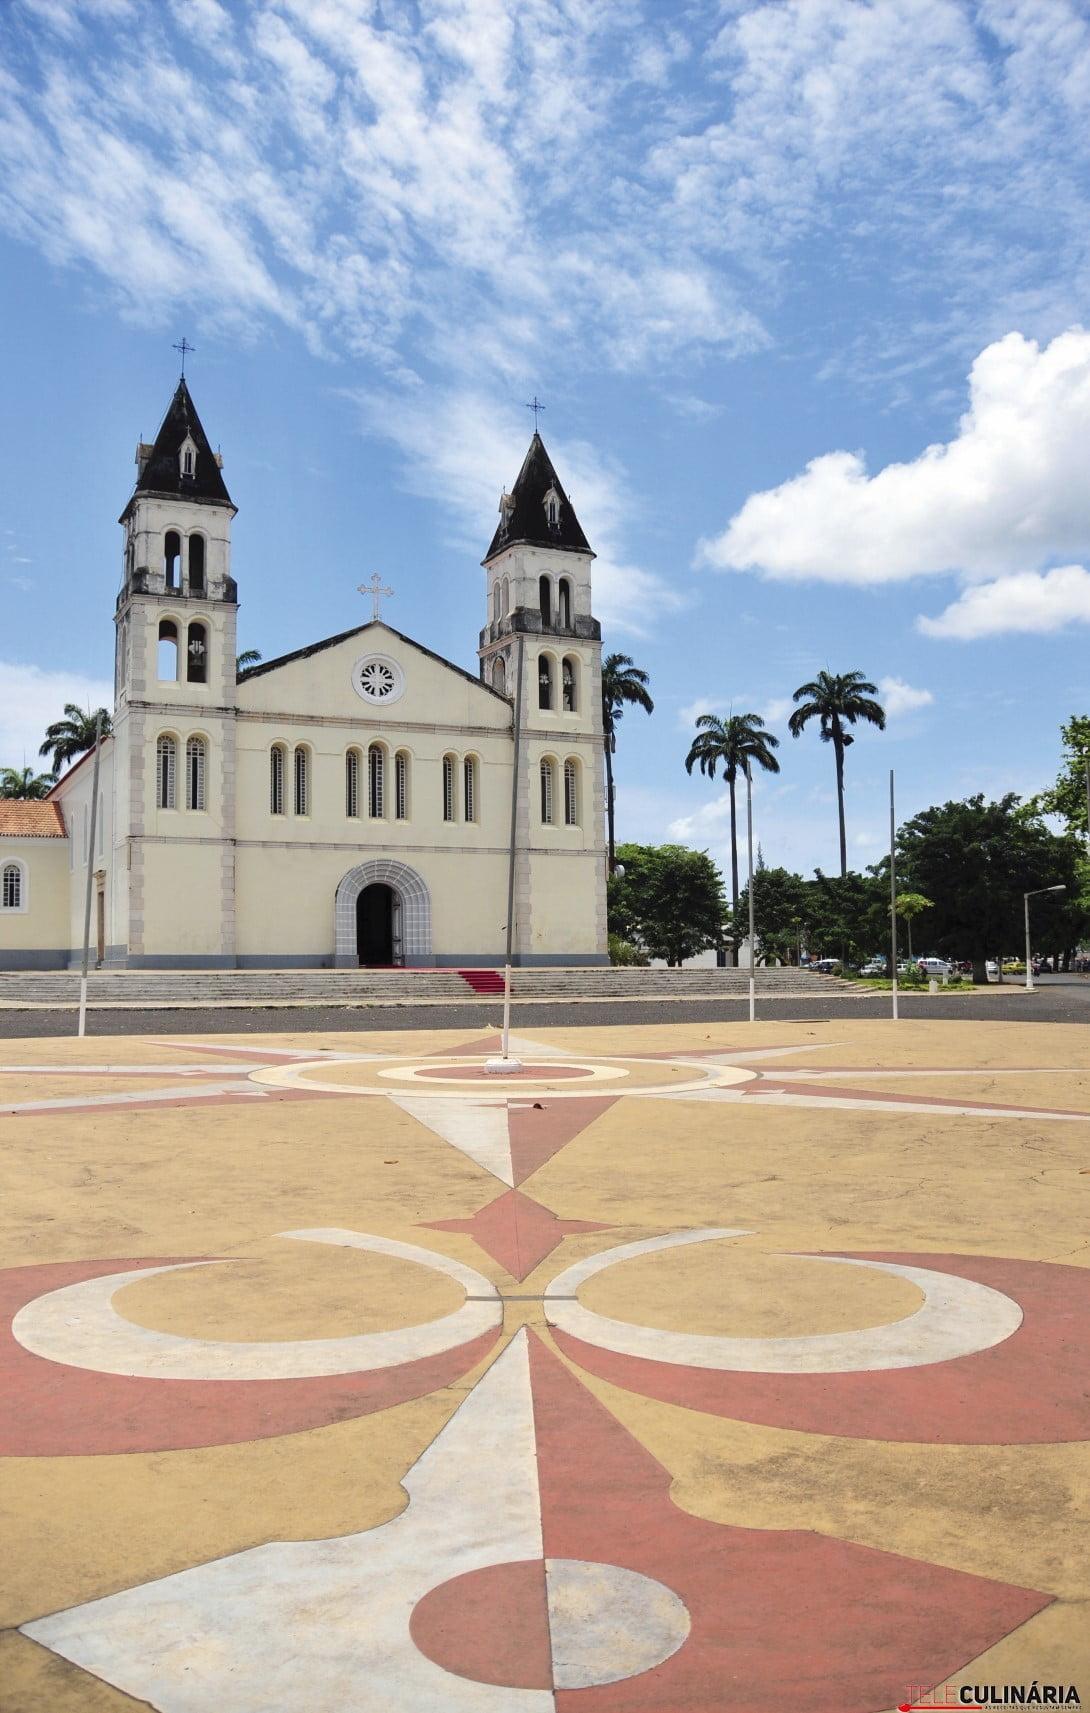 Sao-Tome-Principe-Volta-do-mundo-teleculinaria (Custom)